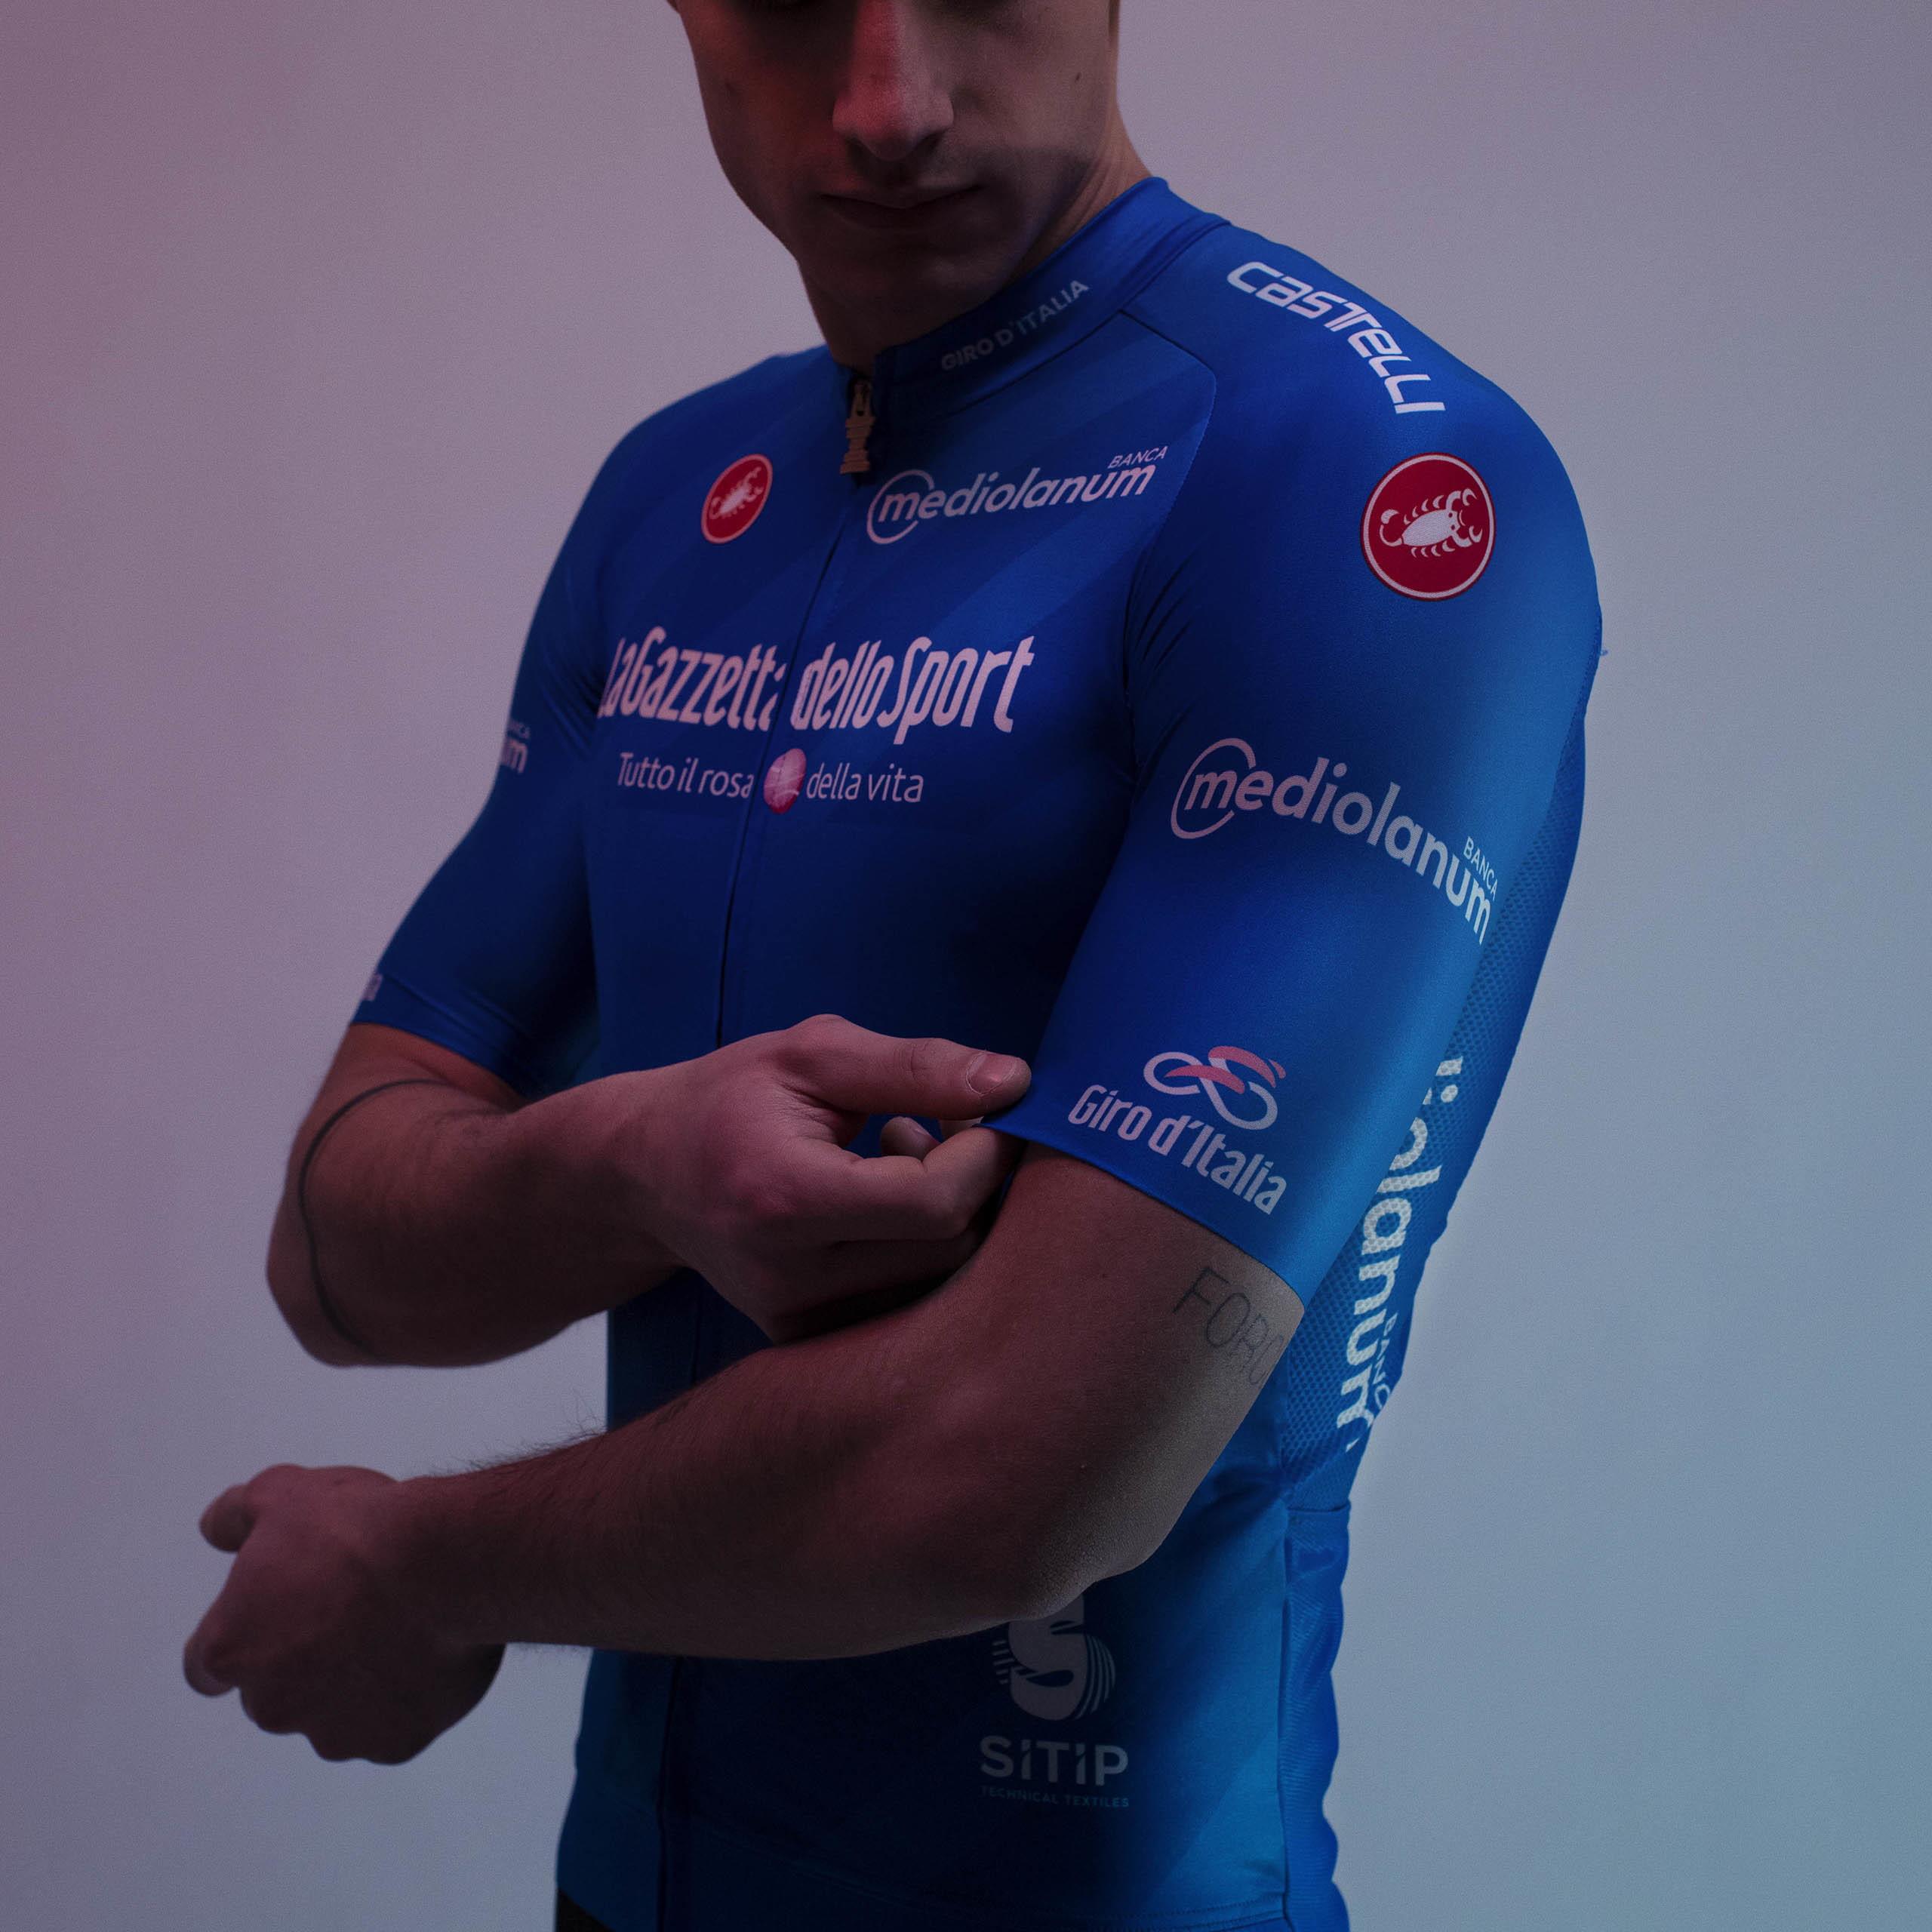 <p>La maglia azzurra appartiene al corridore che conquista più punti e bonus sulle cime (leader del Gran Premio della Montagna). La scorsa edizione è andata aRuben Guerreiro della EF Pro Cycling.</p>